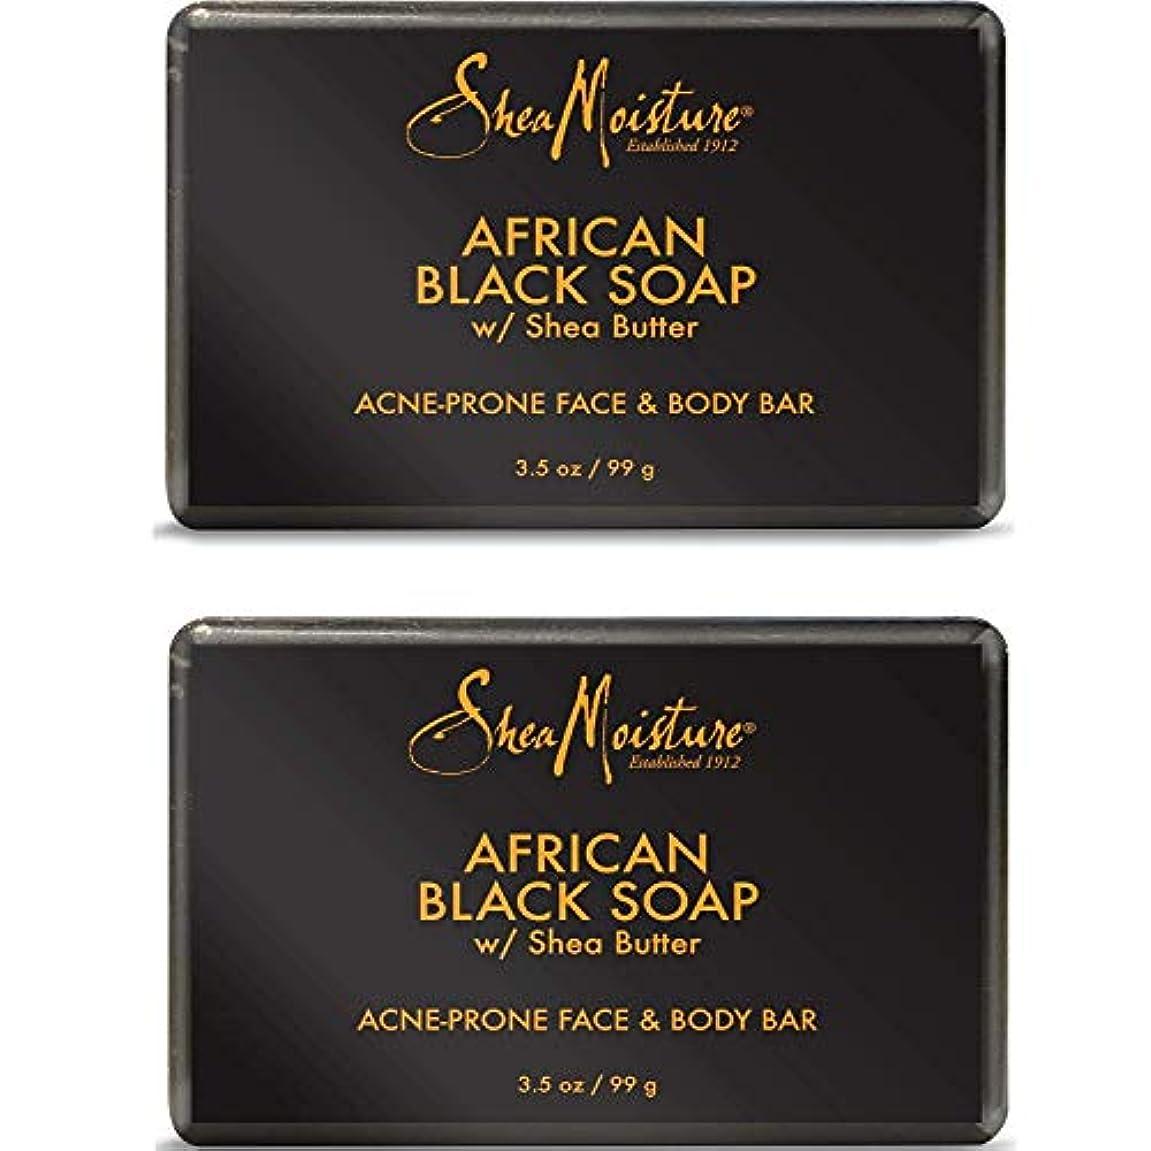 代わりに死比類なきShea Moisture アフリカンブラックソープバー、3.5オズ、2パック 2パック